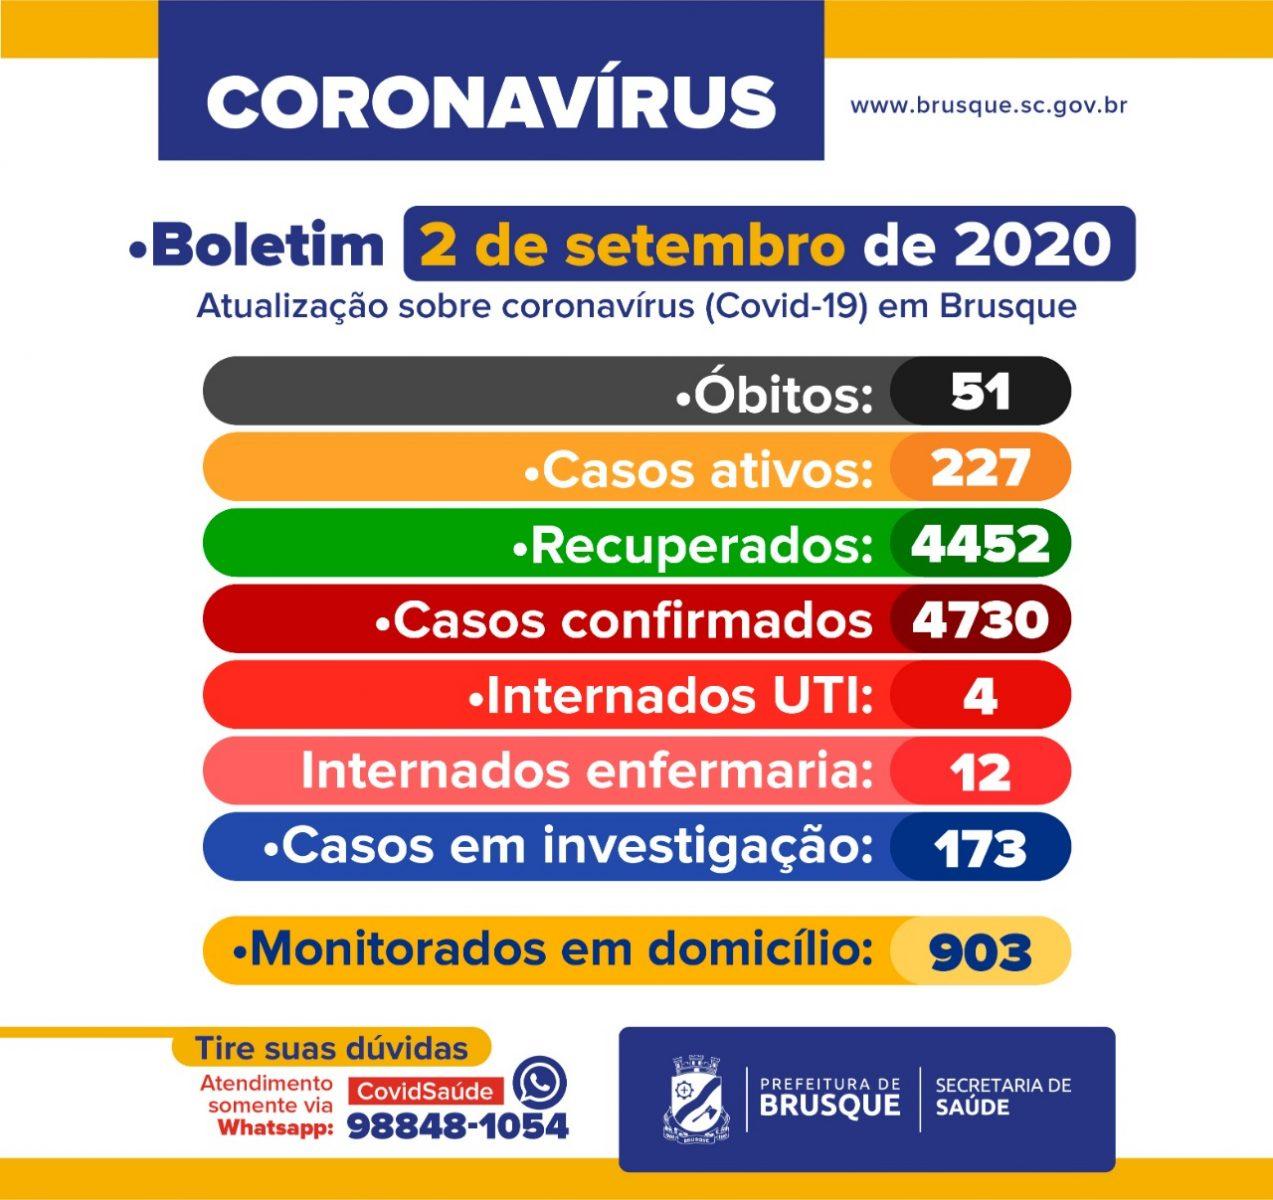 COVID-19: Boletim epidemiológico desta quarta-feira, 2 de setembro